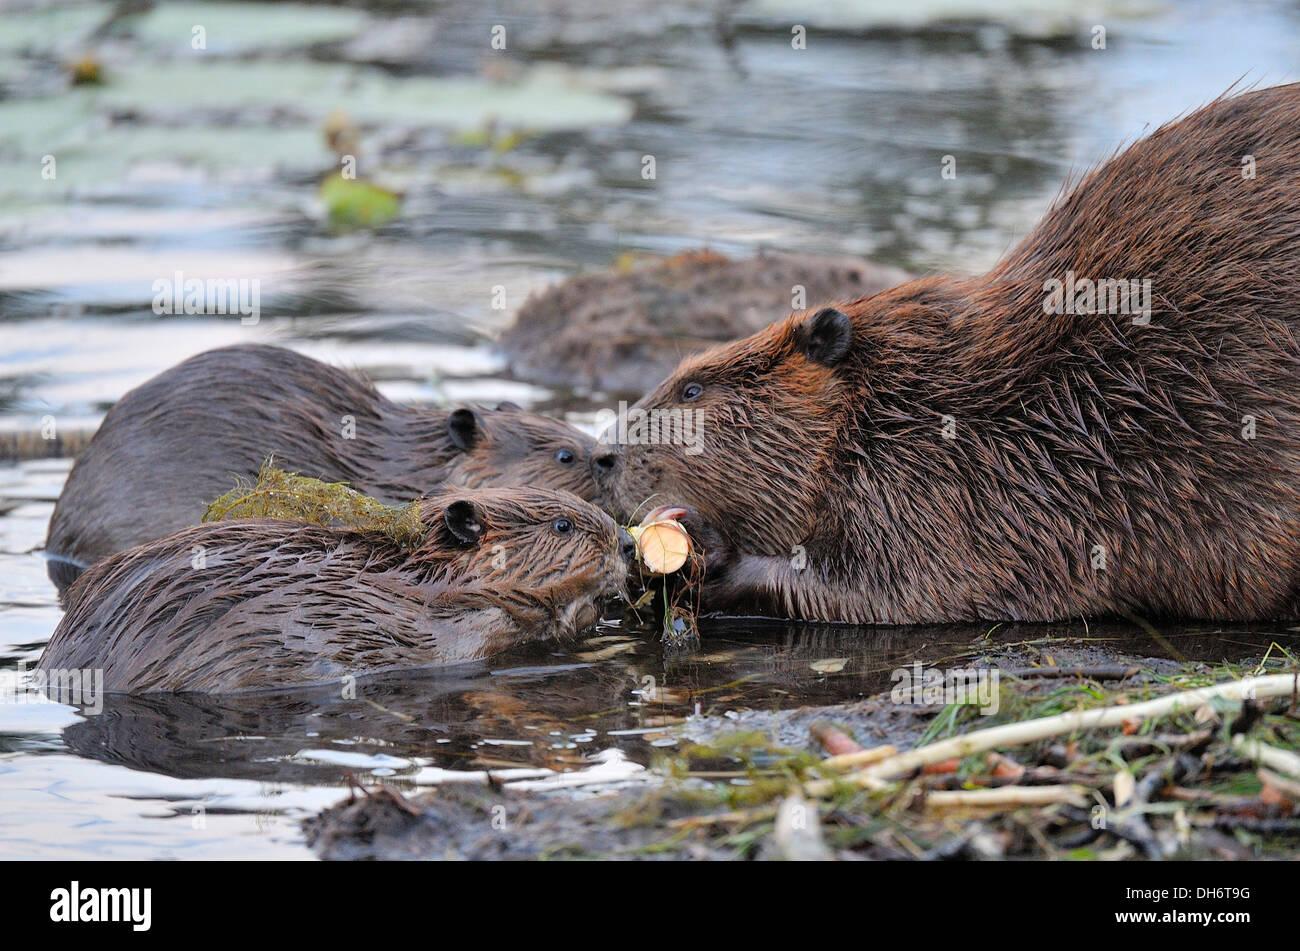 Ein Mutter-Biber kann 2 kleine Jungen Biber Rinde aus dem gleichen Stück Espenbaum kauen. Stockbild